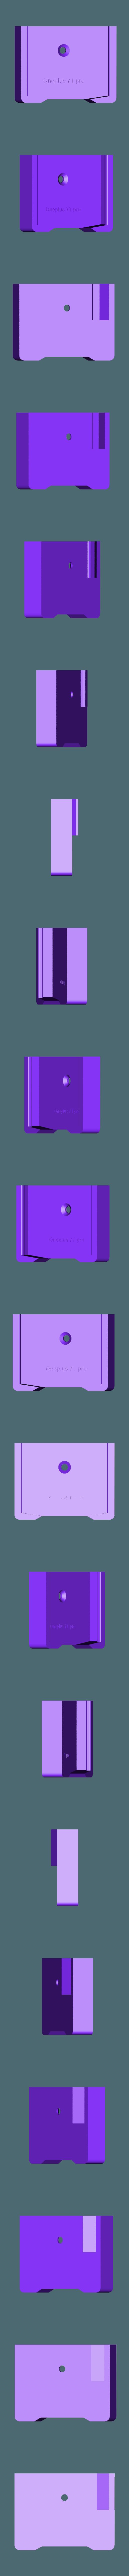 308 holder Support smartphone Oneplus 7T pro.STL Download STL file Peugeot 308 smartphone support • 3D printer design, C1-concept